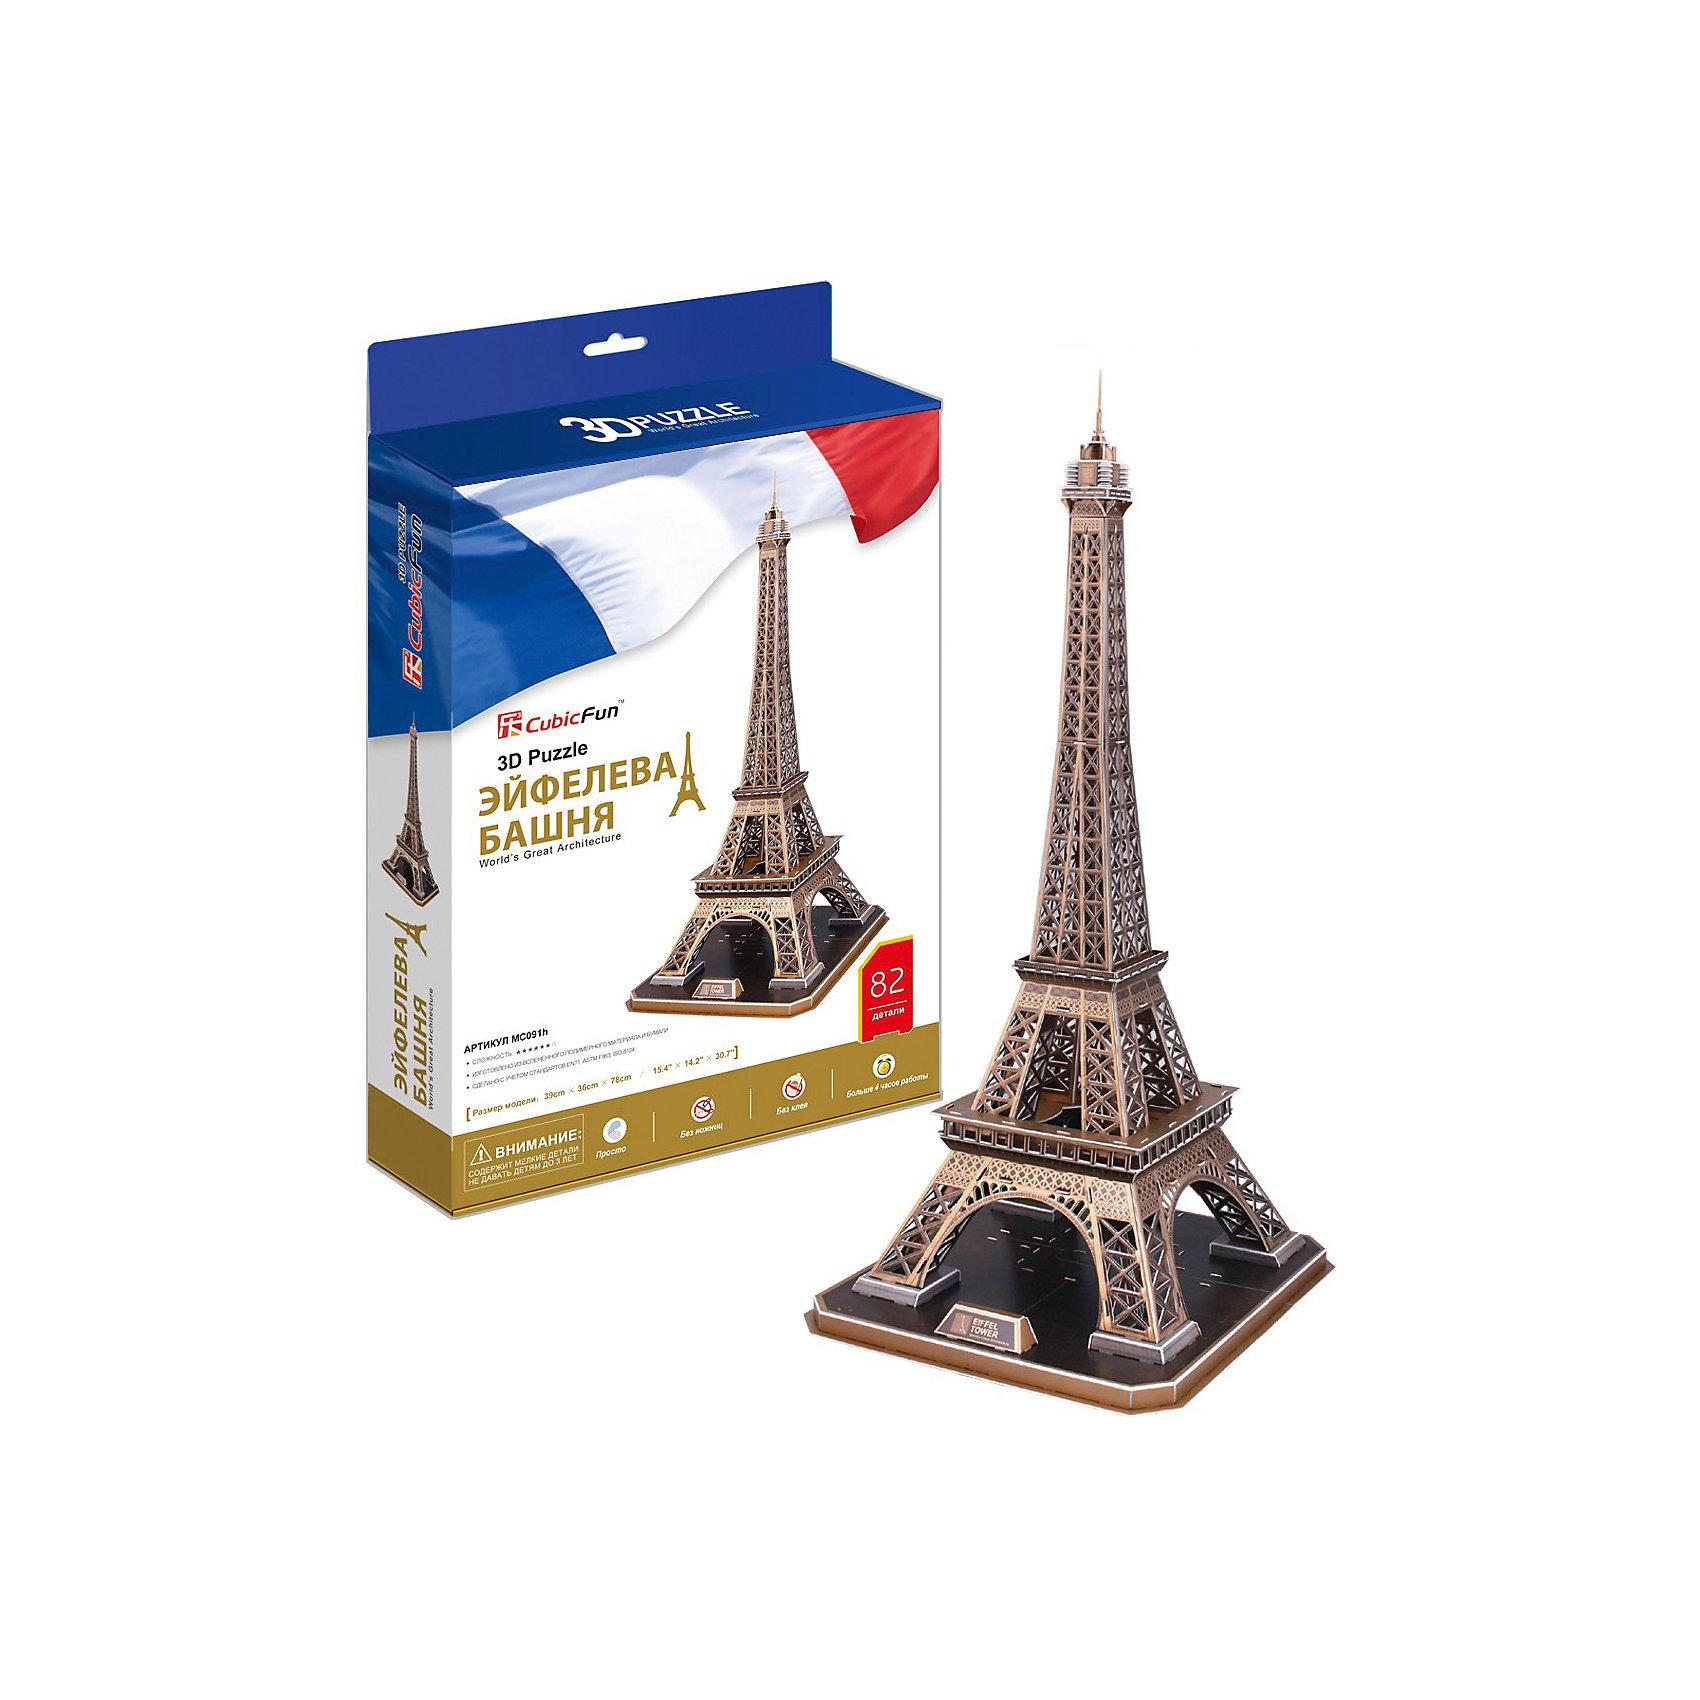 Пазл 3D Эйфелева Башня (Франция), 82 детали, CubicFun3D пазлы<br>Башня является самой узнаваемой архитектурной достопримечательностью Парижа, имеющая мировую известность как символ Франции, названная в честь своего конструктора Густава Эйфеля.<br><br>УРОВЕНЬ СЛОЖНОСТИ - 6<br><br>Функции:<br>- помогает в развитии логики и творческих способностей ребенка;<br>- помогает в формировании мышления, речи, внимания, восприятия и воображения;<br>- развивает моторику рук;<br>- расширяет кругозор ребенка и стимулирует к познанию новой информации;<br><br>Практические характеристики:<br>- обучающая, яркая и реалистичная модель;<br>- идеально и легко собирается без инструментов;<br>- увлекательный игровой процесс;<br>- тематический ассортимент;<br>- новый качественный материал (ламинированный пенокартон)<br><br>Ширина мм: 60<br>Глубина мм: 222<br>Высота мм: 330<br>Вес г: 1093<br>Возраст от месяцев: 60<br>Возраст до месяцев: 144<br>Пол: Унисекс<br>Возраст: Детский<br>SKU: 2276291